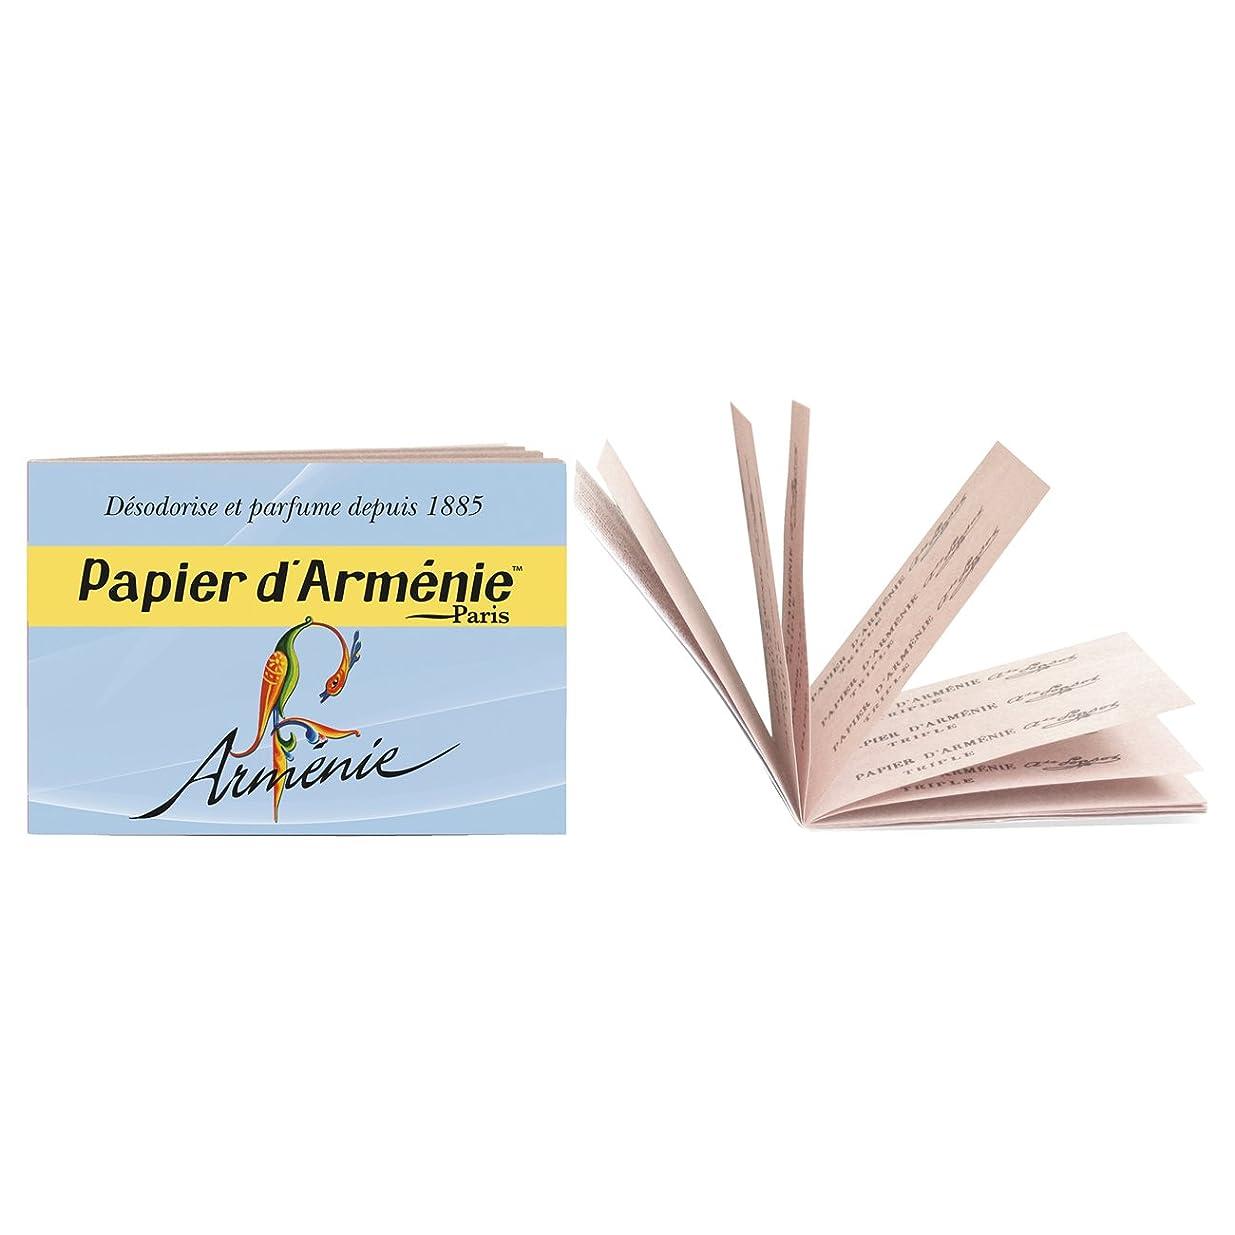 除外する分一貫したパピエダルメニイ トリプル アルメニイ (紙のお香 3×12枚/36回分)